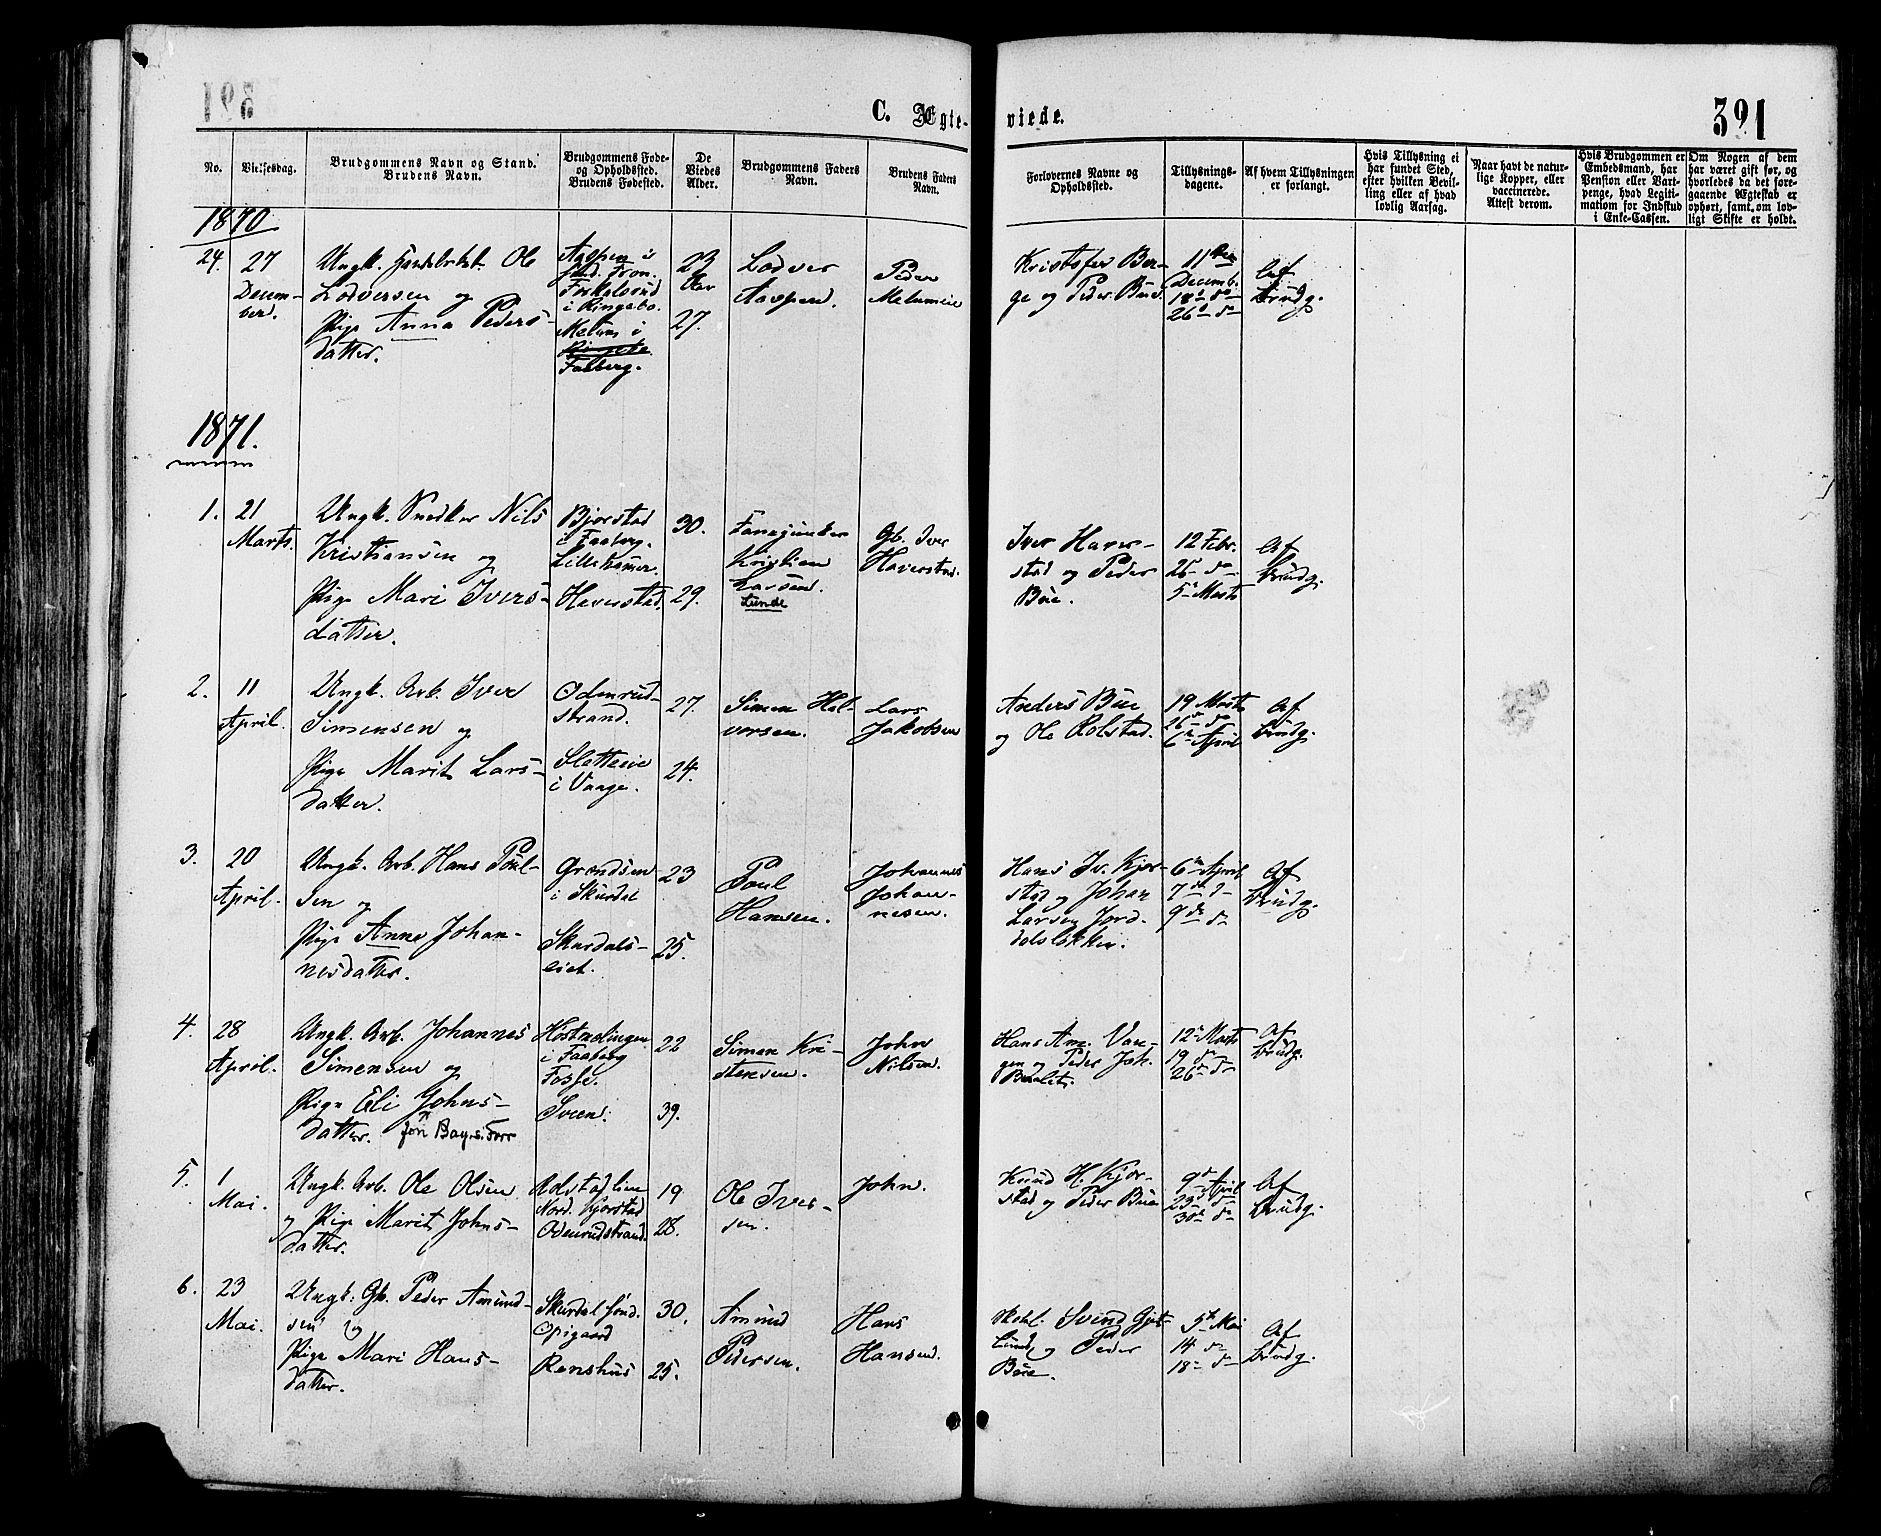 SAH, Sør-Fron prestekontor, H/Ha/Haa/L0002: Ministerialbok nr. 2, 1864-1880, s. 321